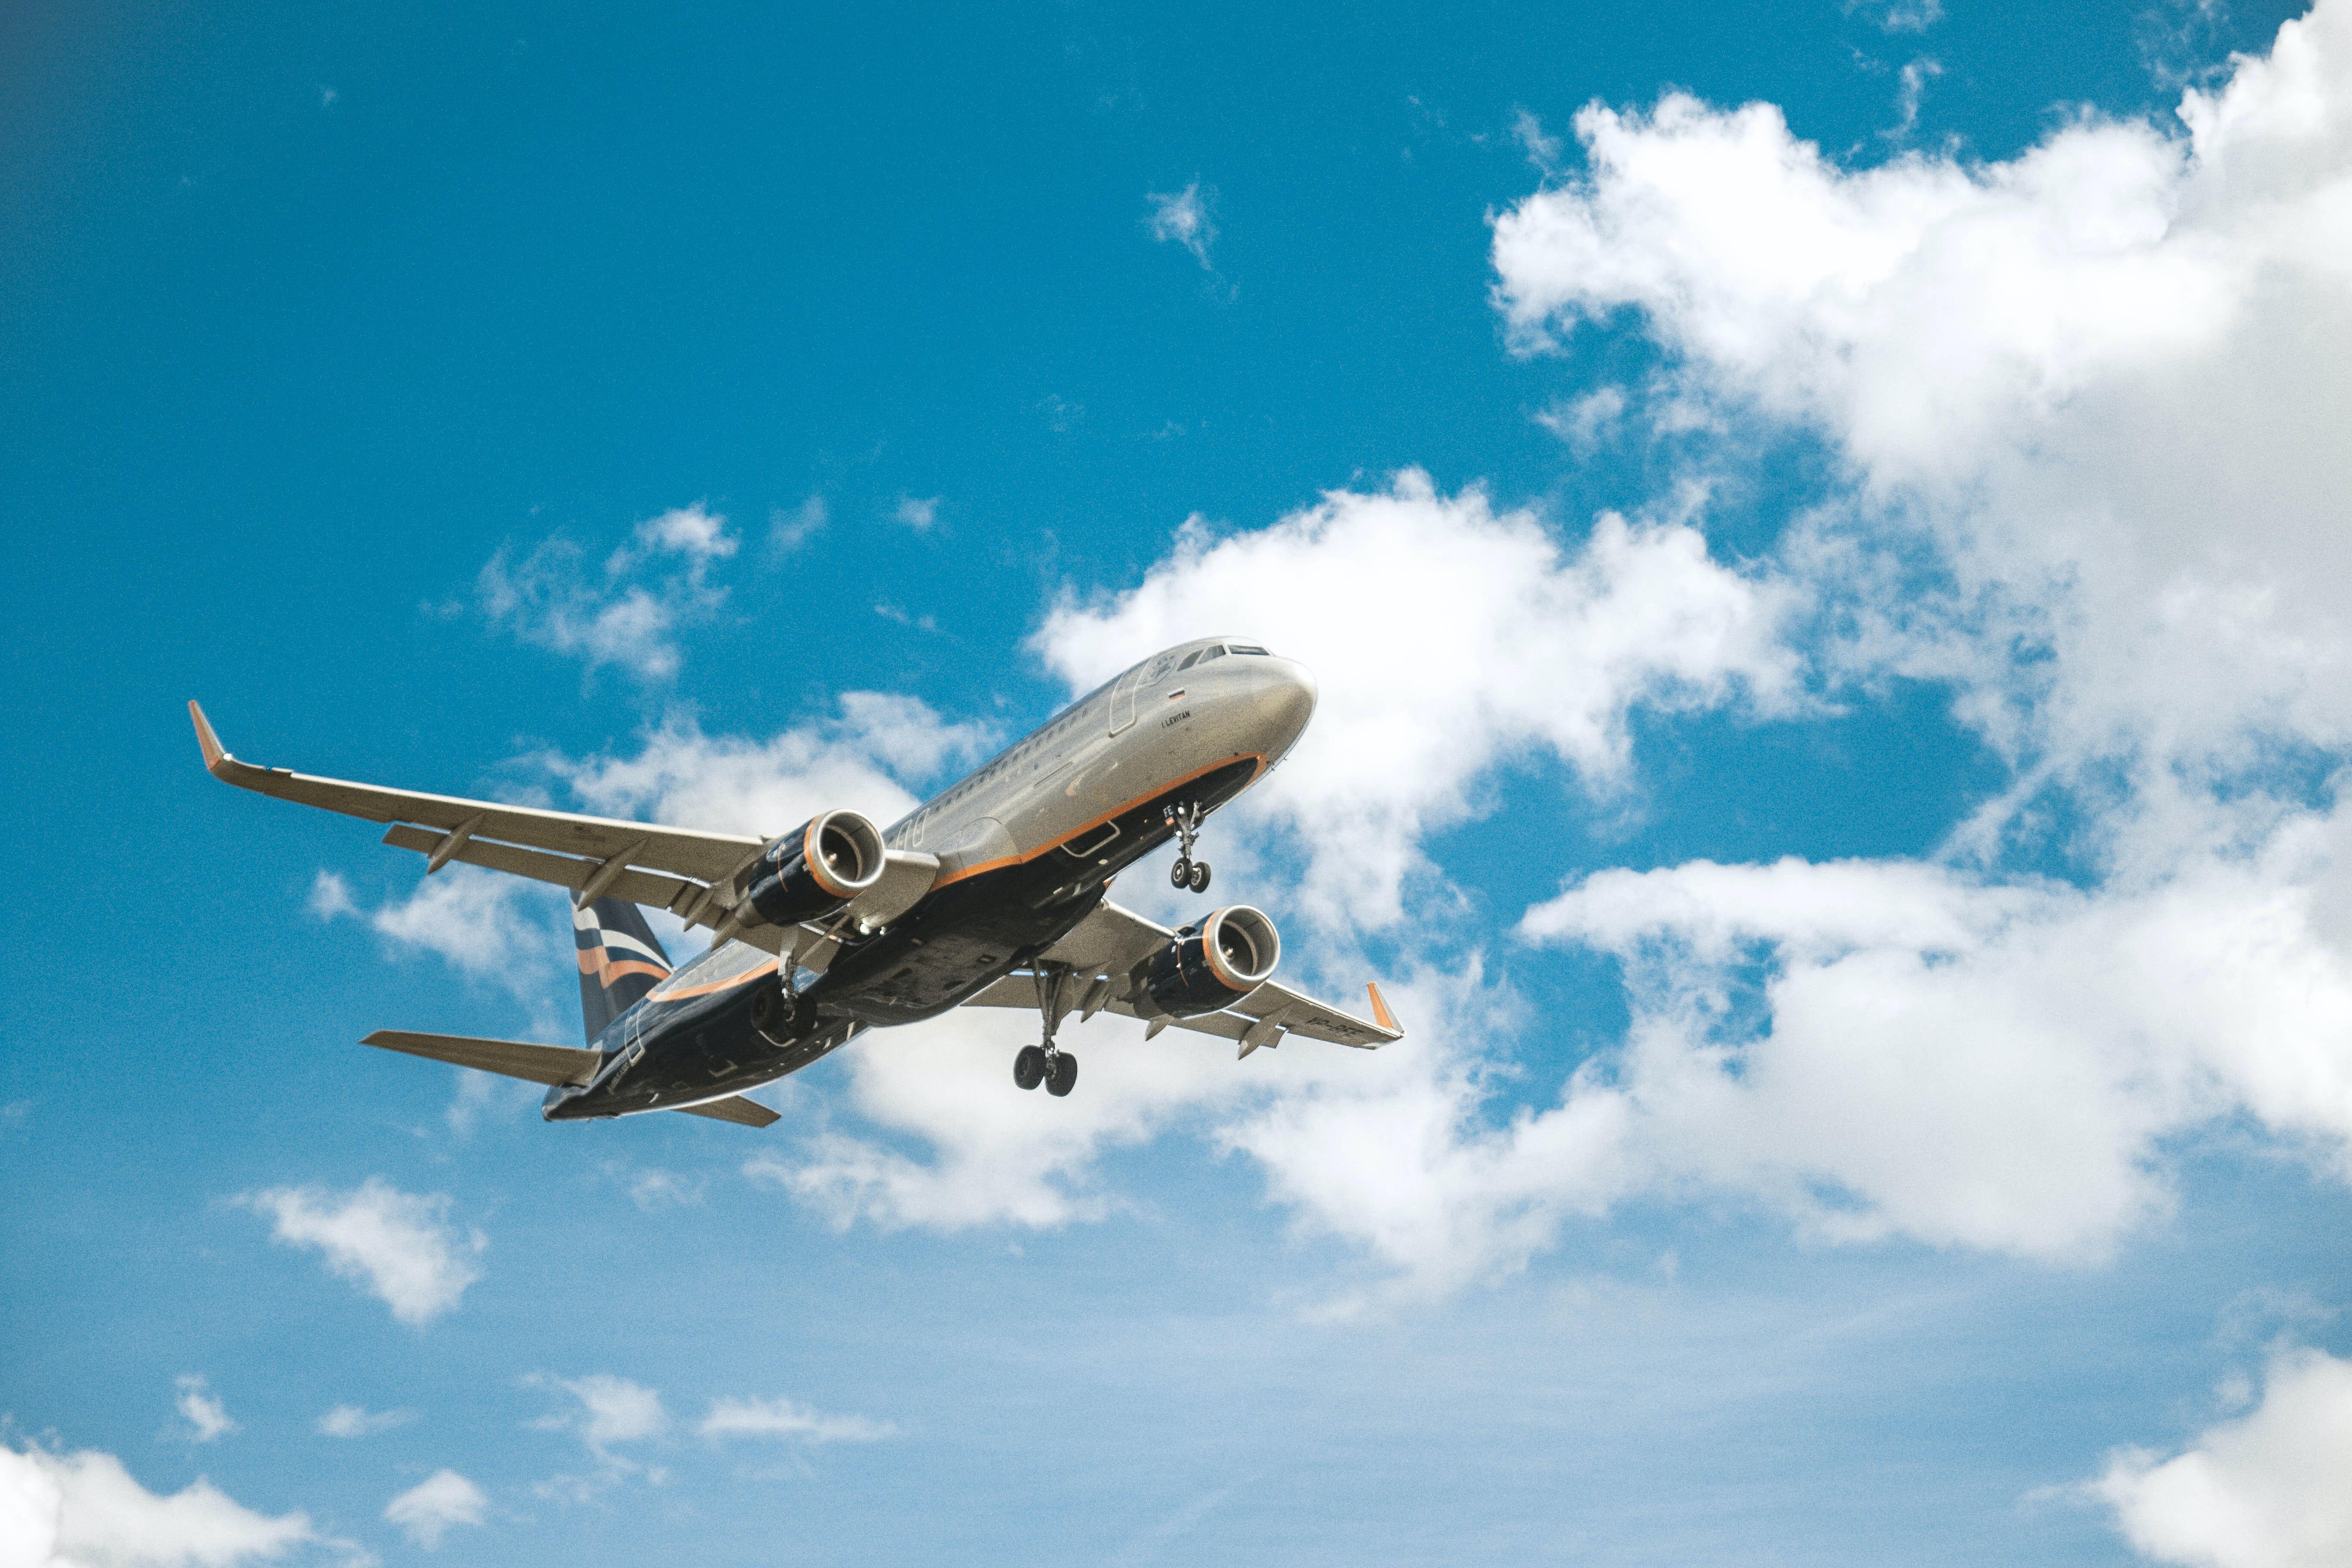 Llega a las Maldivas desde Chennai en avión